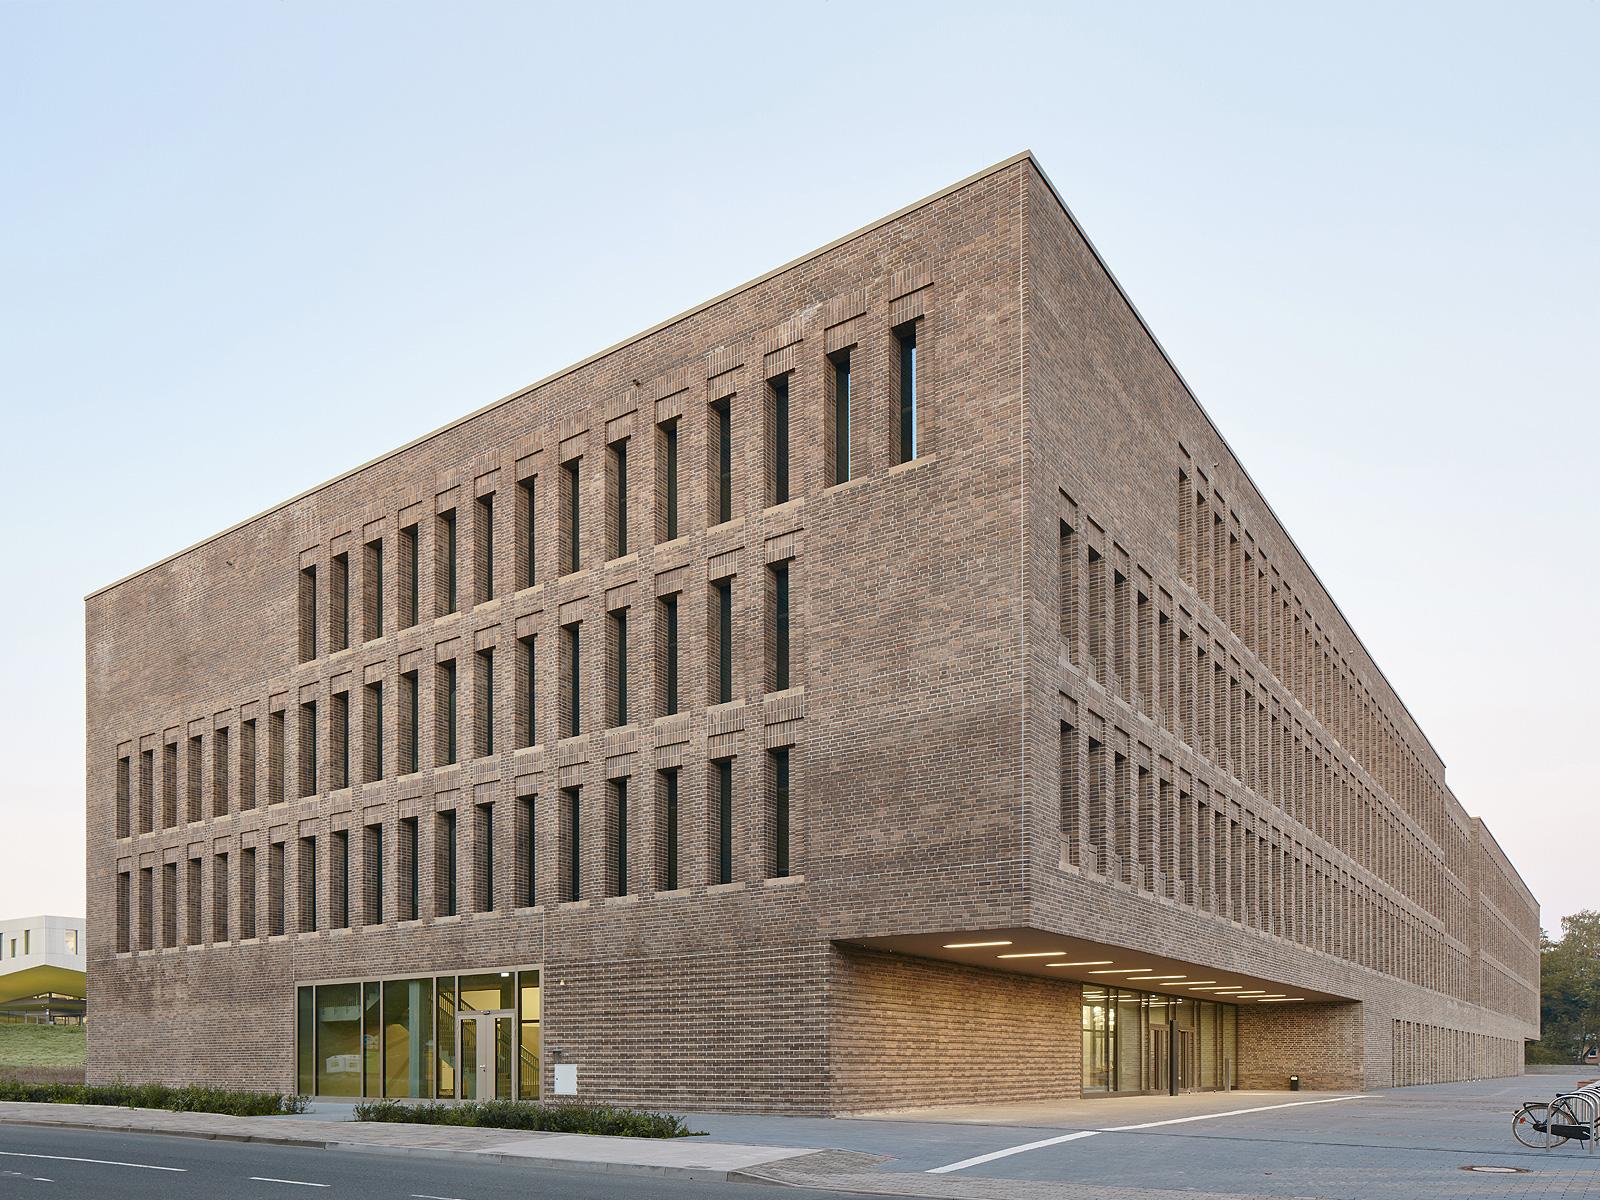 best architects architektur award reimarherbst architekten bda reimar herbst angelika. Black Bedroom Furniture Sets. Home Design Ideas